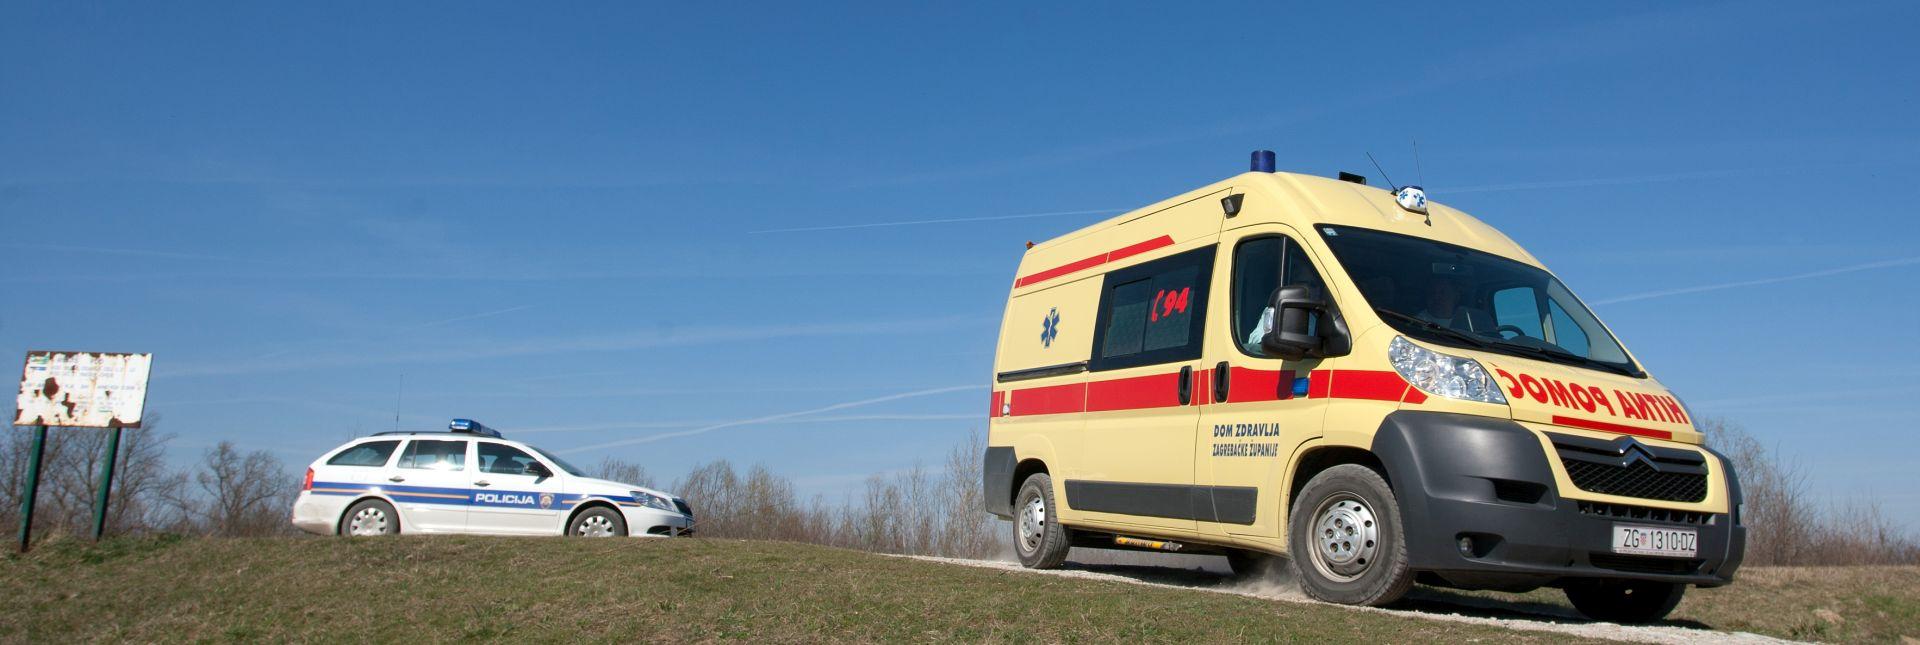 SLIJETANJE U PROVALIJU Kod Pazina poginula jedna osoba, još dvije ozlijeđene